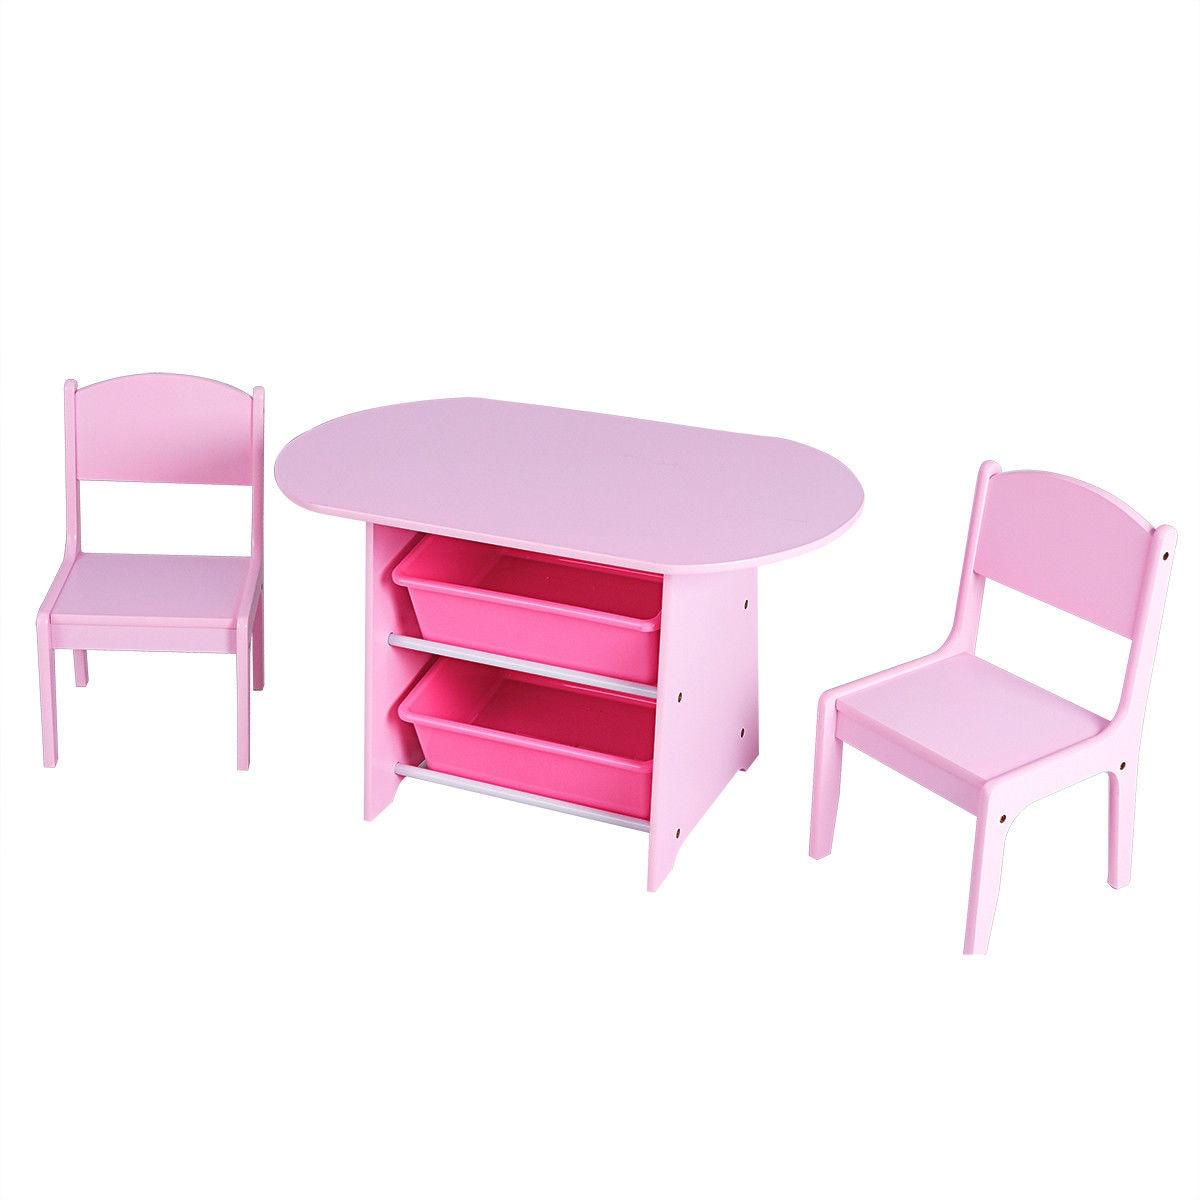 Ensemble de Table et 2 chaises pour enfants   Boîtes de rangement, cadeau pour bébés en bas âge, bureau de jeu rose